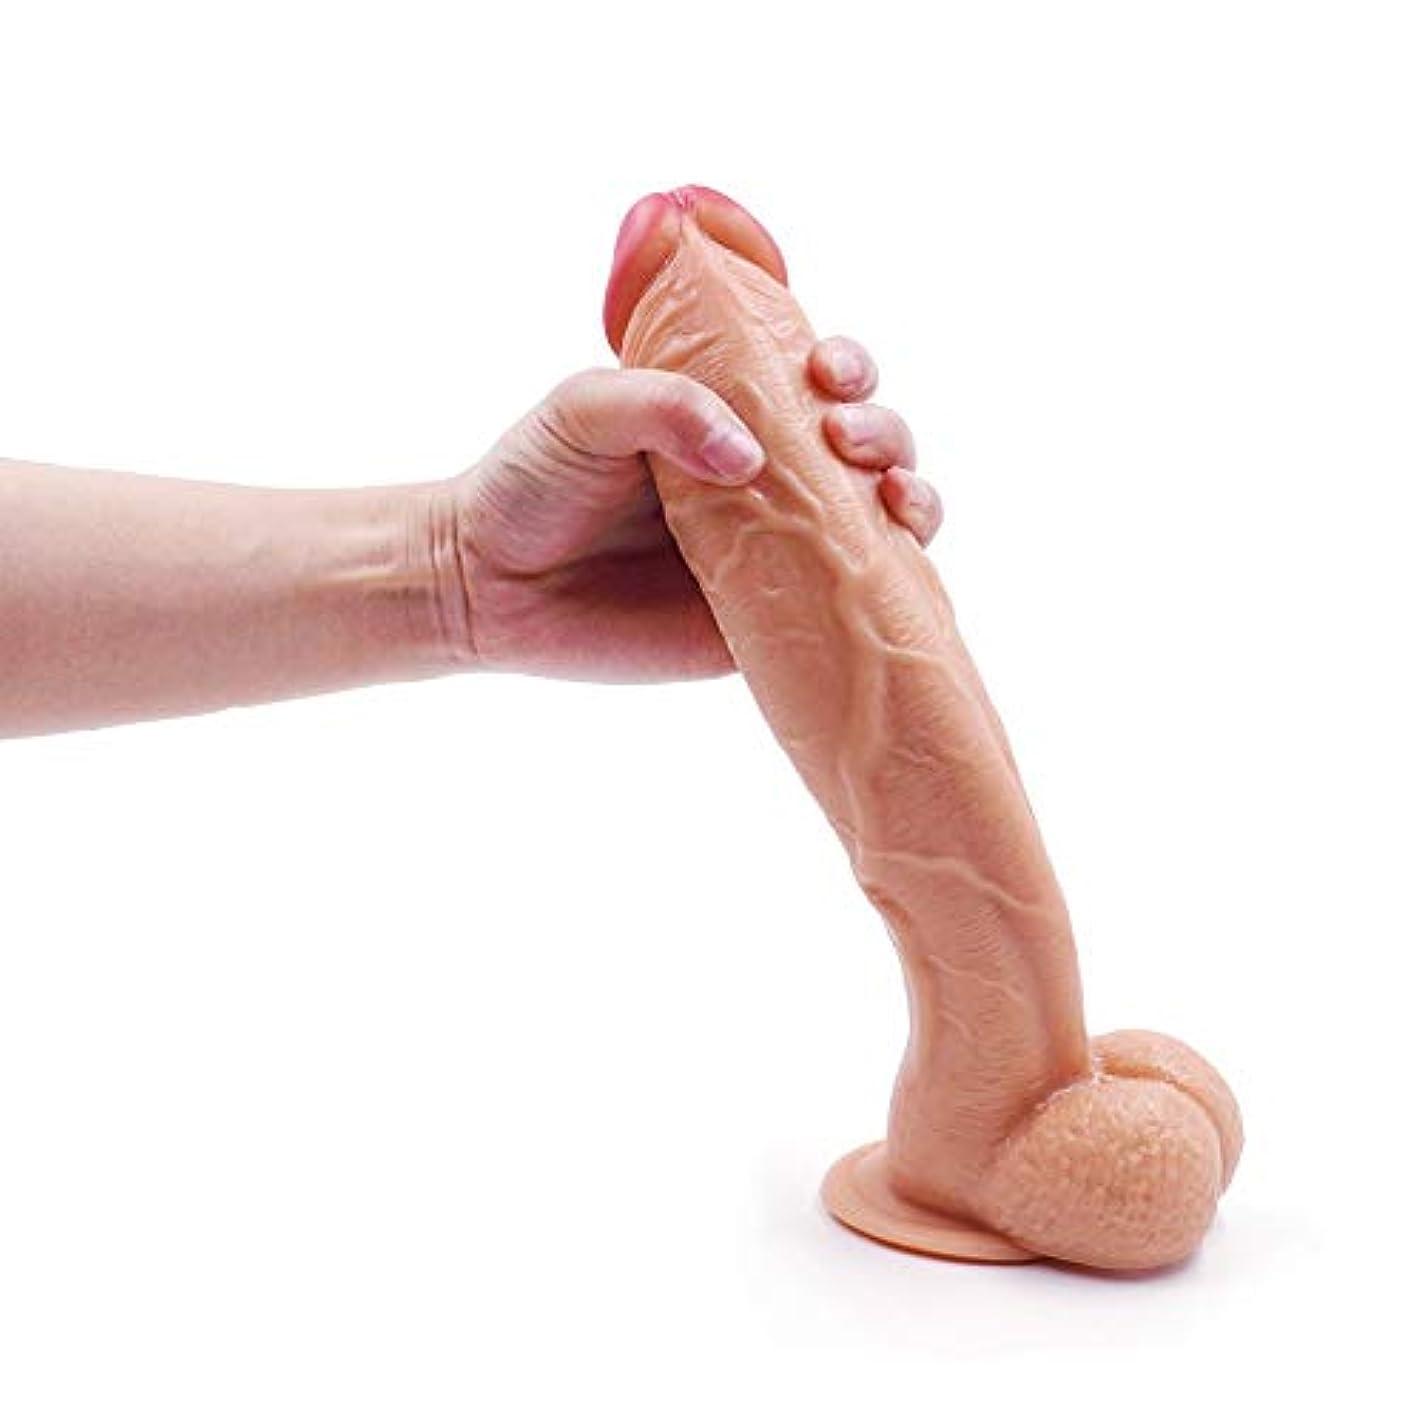 と遊ぶ活力アクセントペニス 12.2インチの安全で健康的な防水の強力な吸引カップPVCおもちゃ-肉 マッサージャー